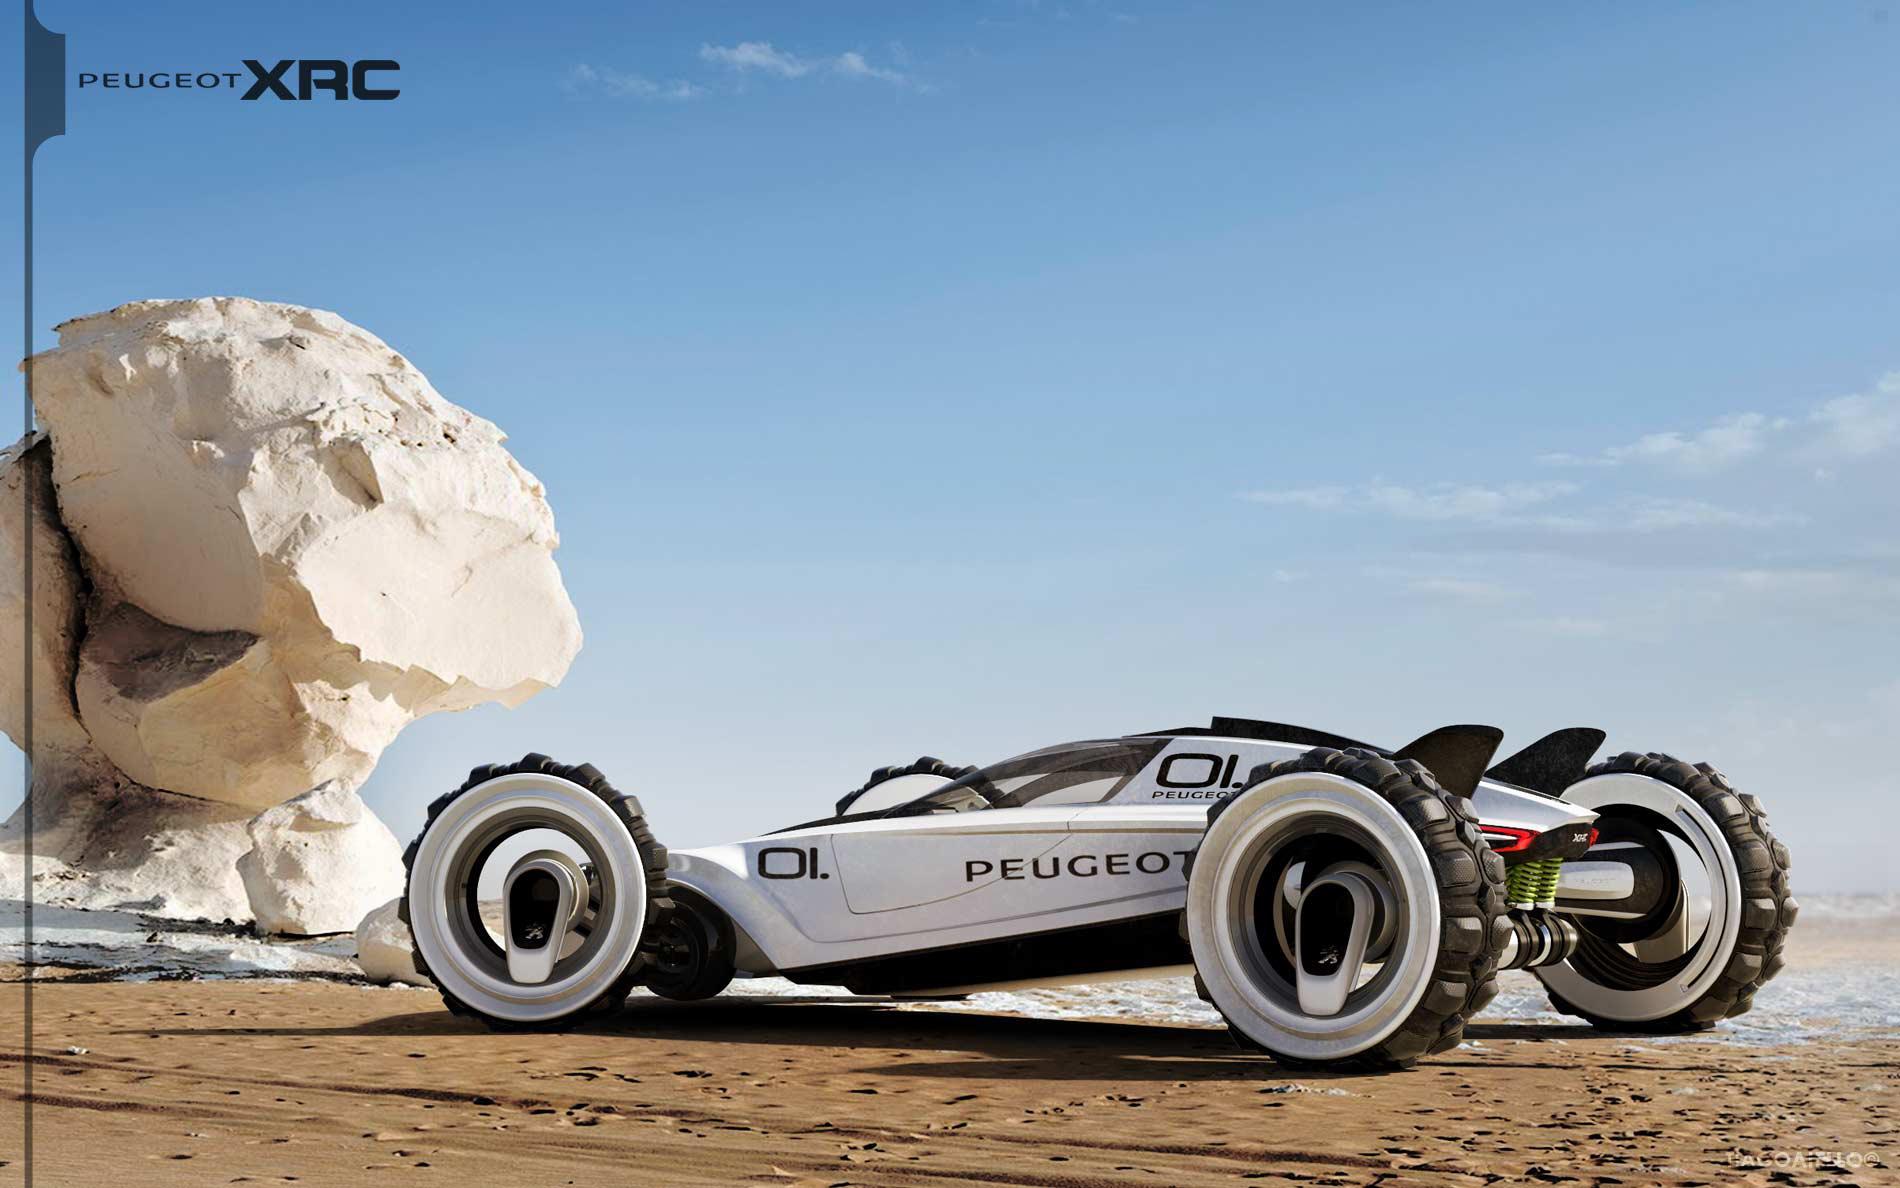 Peugeot XRC Concept on Behance